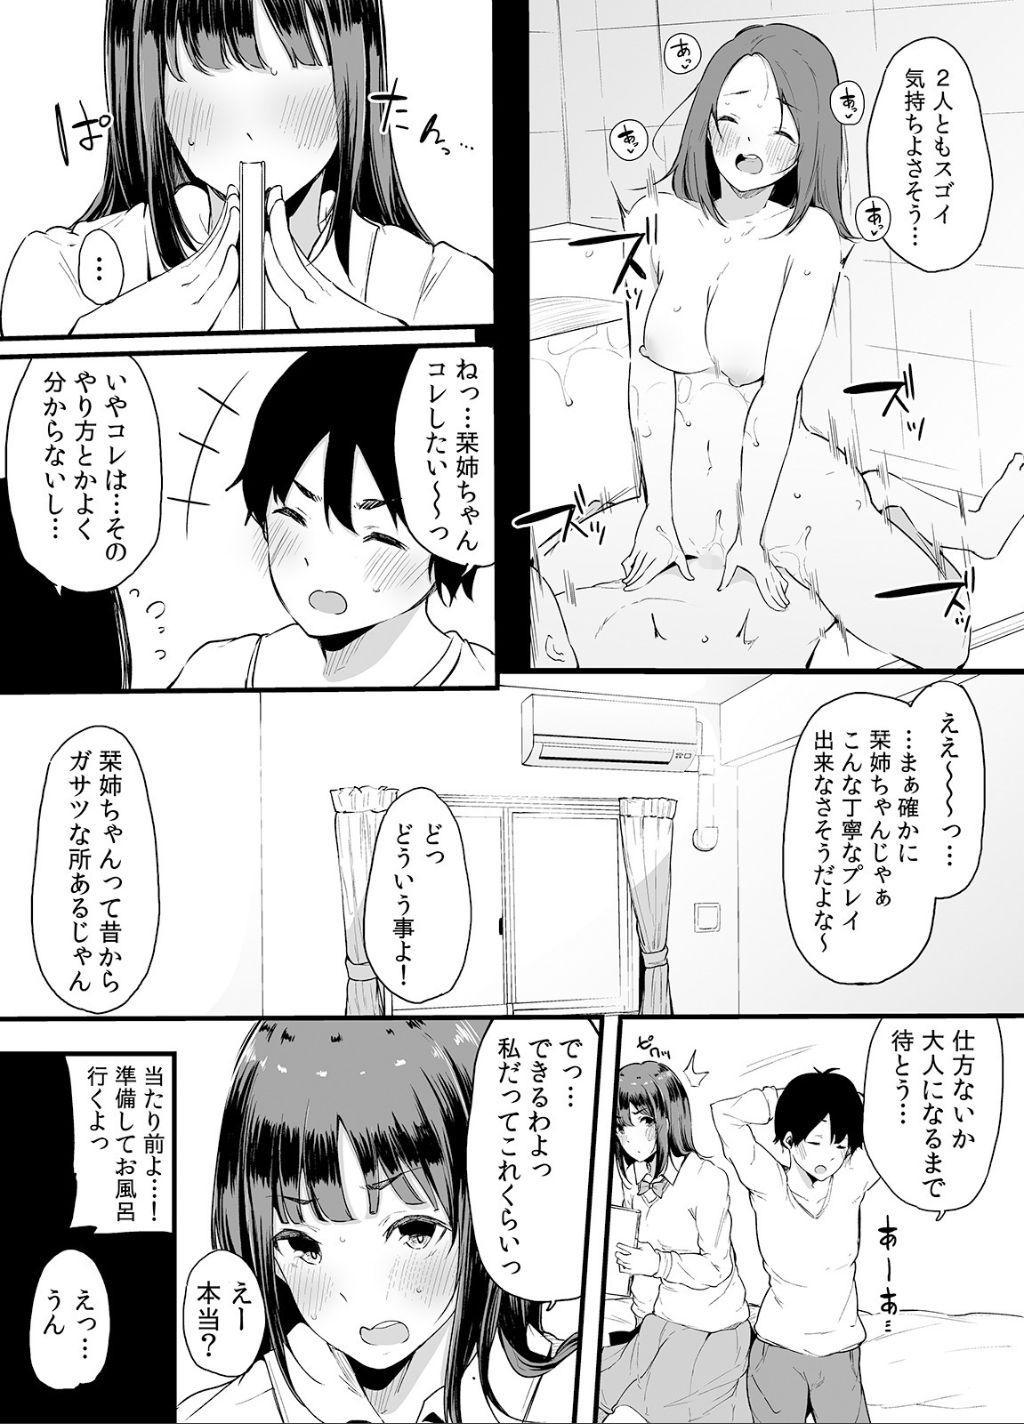 Otouto ni Ero Manga to Onaji Koto o Sare Chau o Nee-chan no Hanashi 2 64